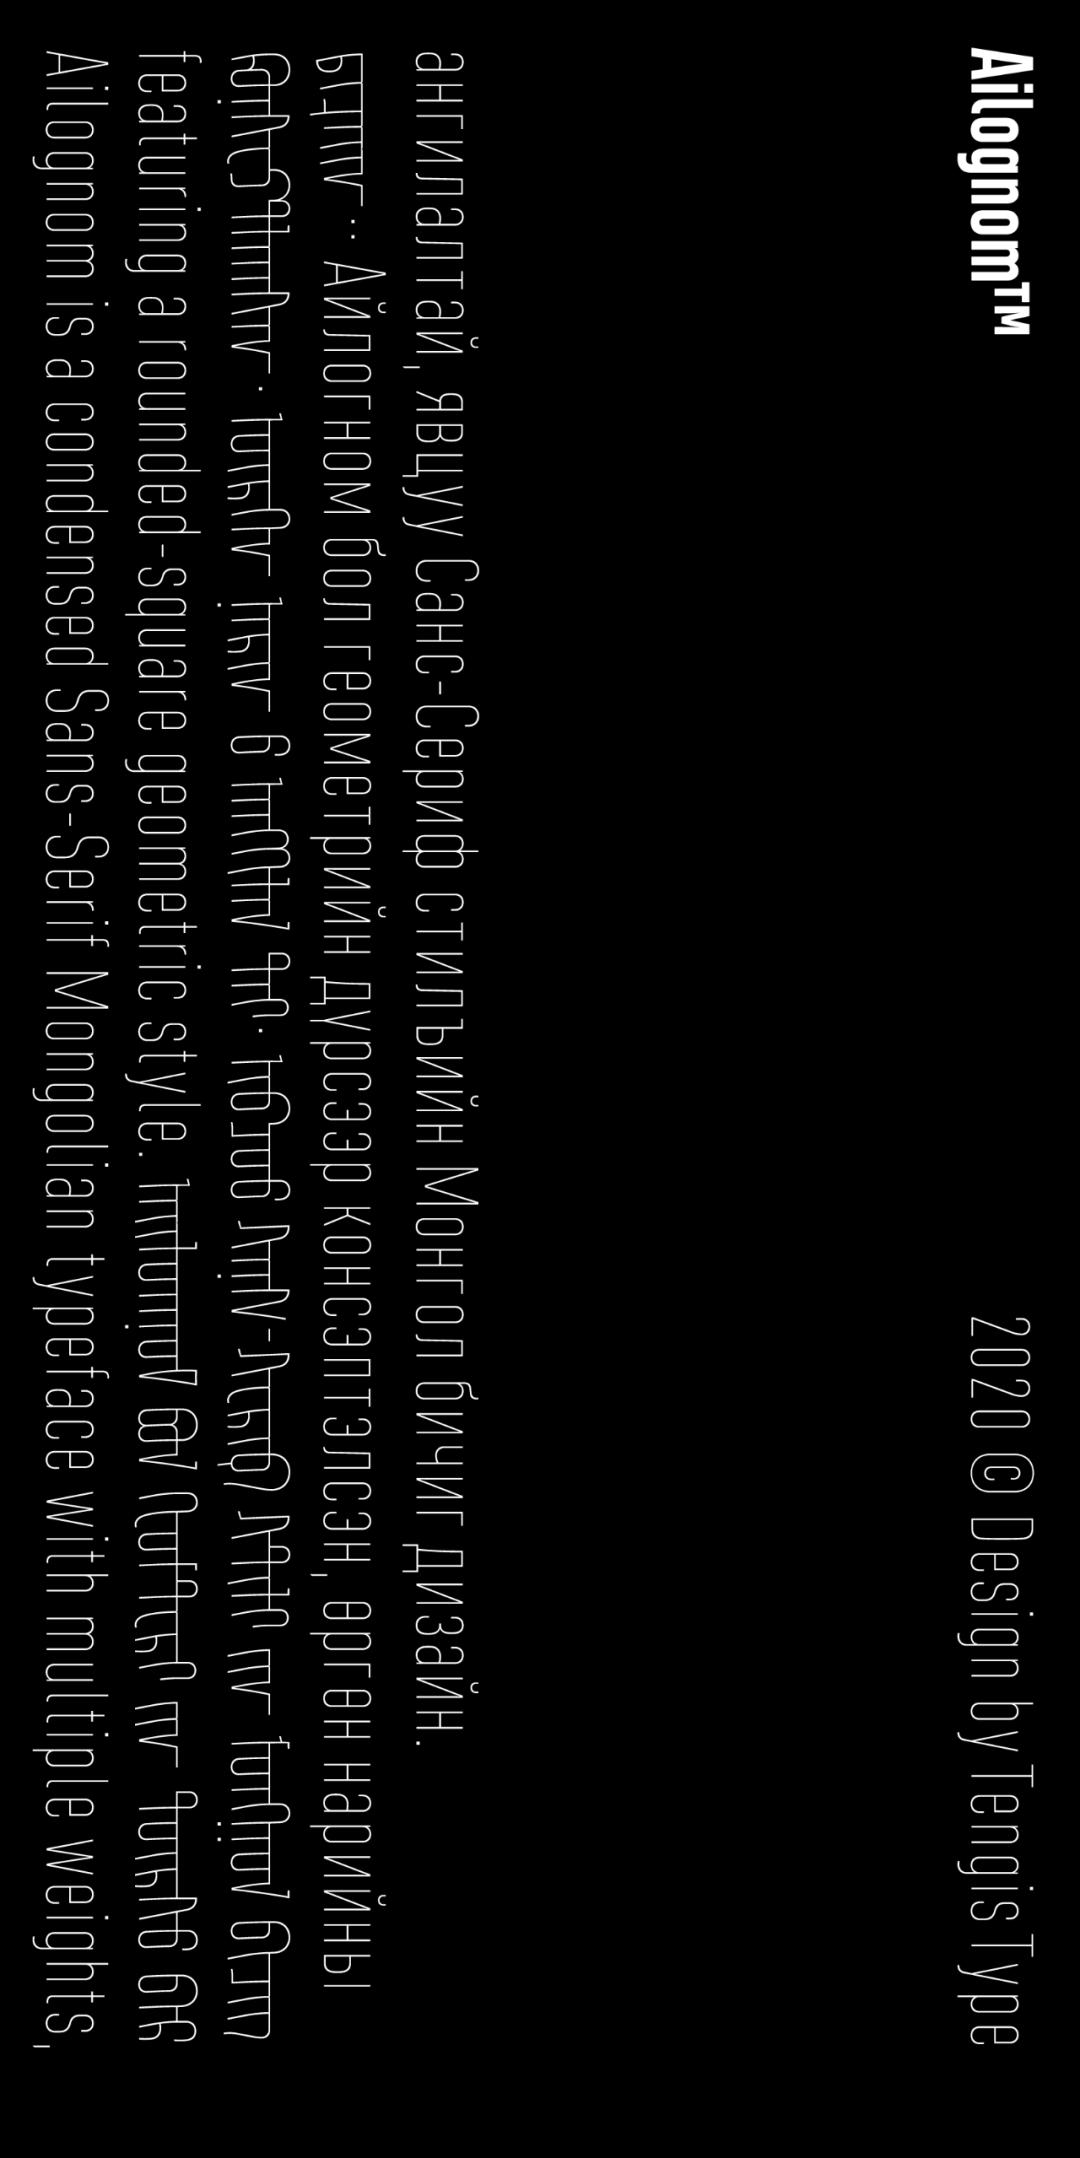 几何风格蒙古字体 Ailognom™ 第19张 几何风格蒙古字体 Ailognom™ 蒙古设计